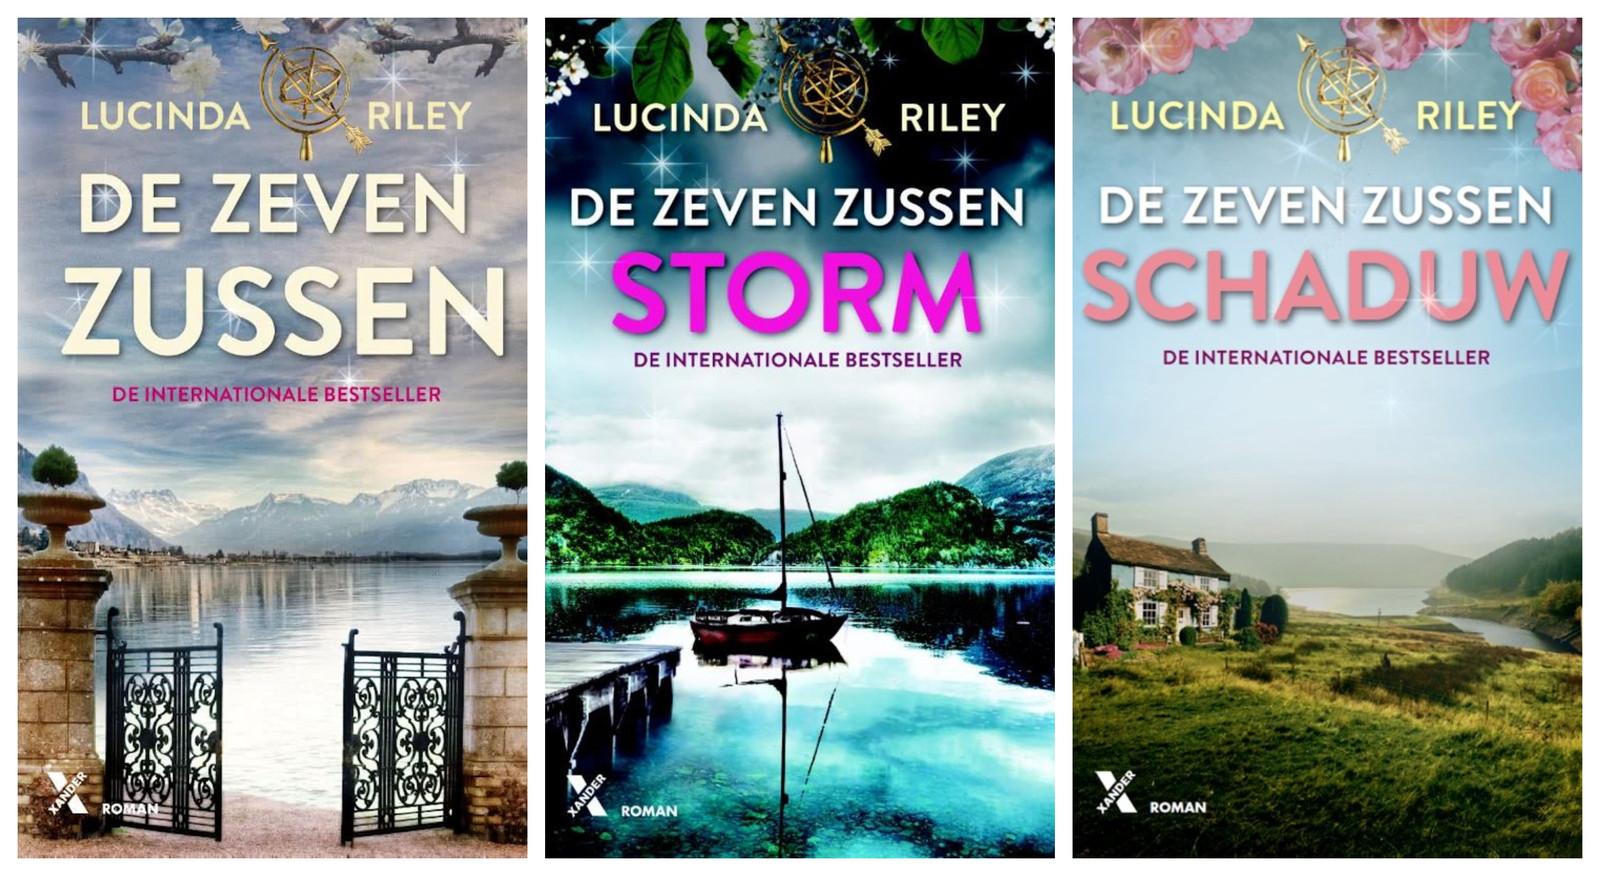 Boekcovers van 'De zeven zussen'